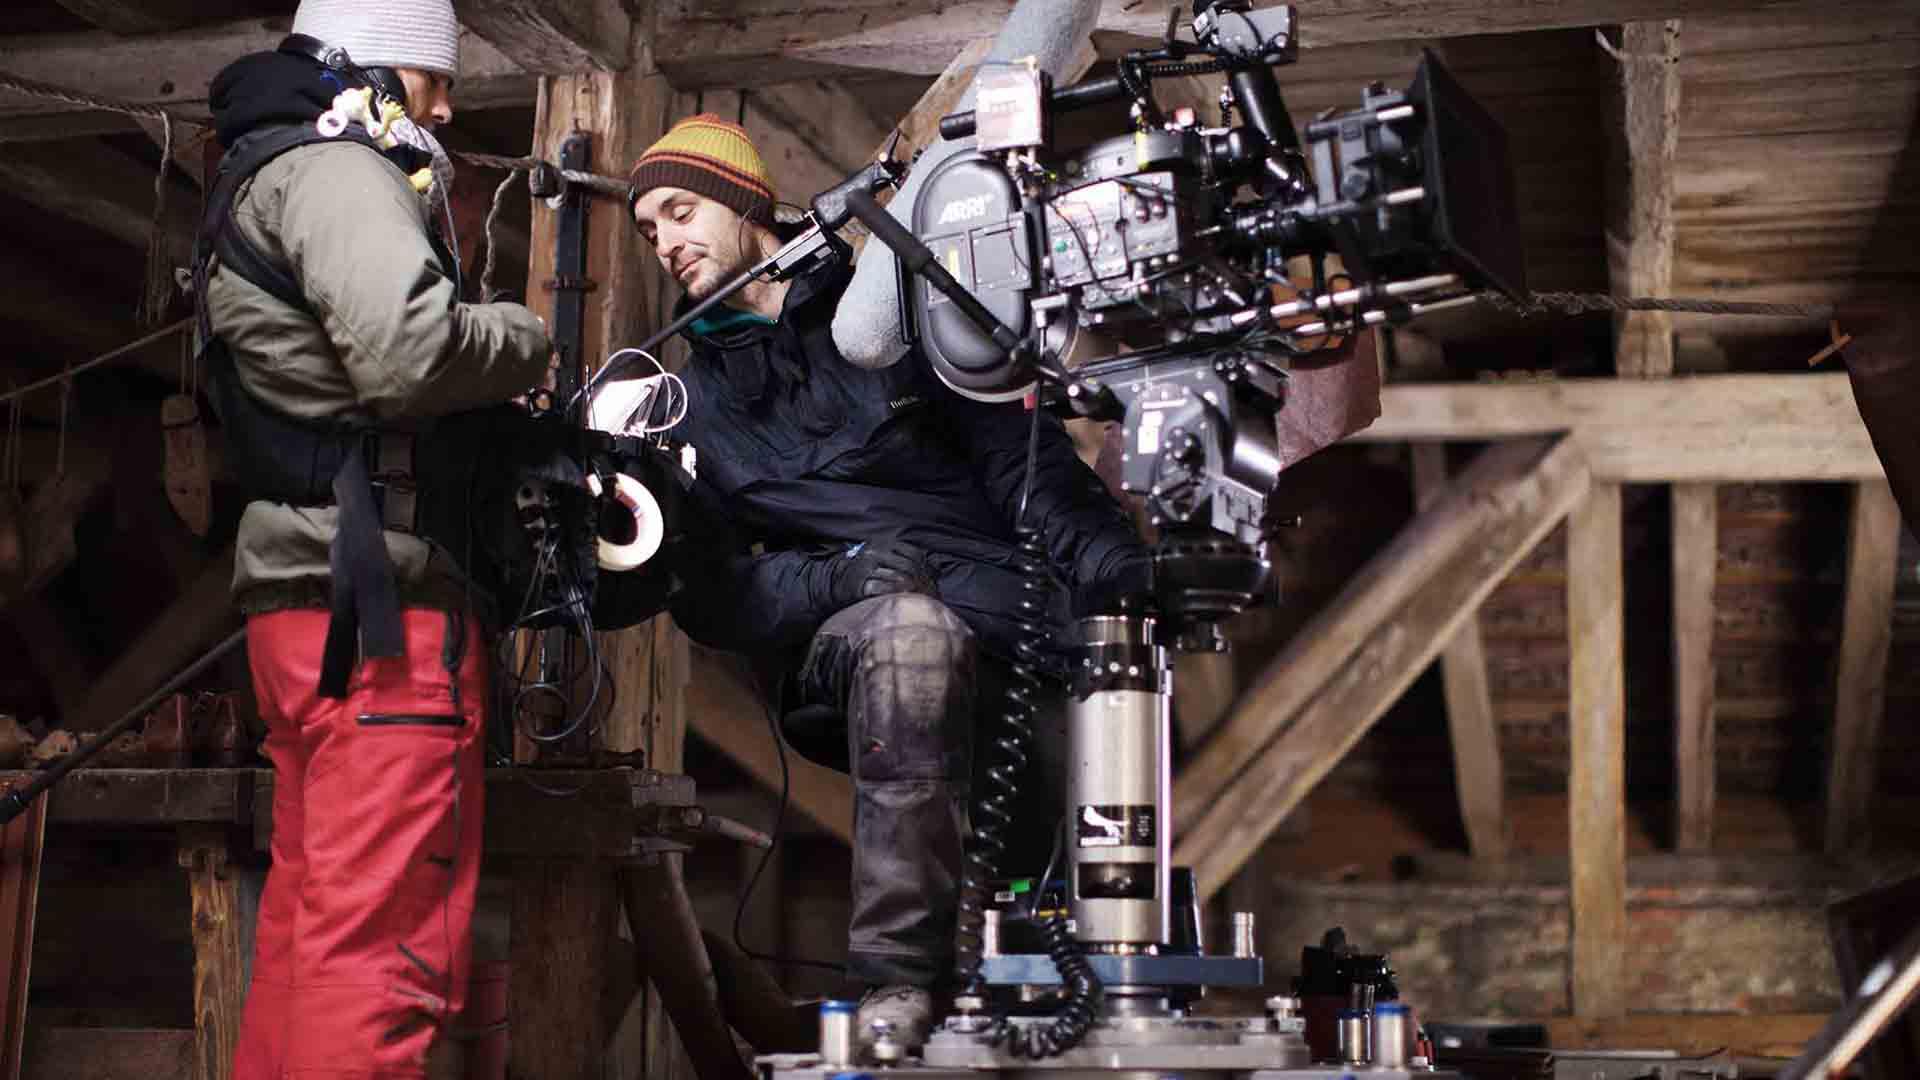 Das Bild zeigt einen Kameramann. Er steht vor einer großen Kamera. Neben ihm steht eine Frau und die beiden befinden sich in einem Raum aus Holz. Das Bild dient als Sliderbild für den Portfolioeintrag Eine gute Geschichte von Panda Pictures.